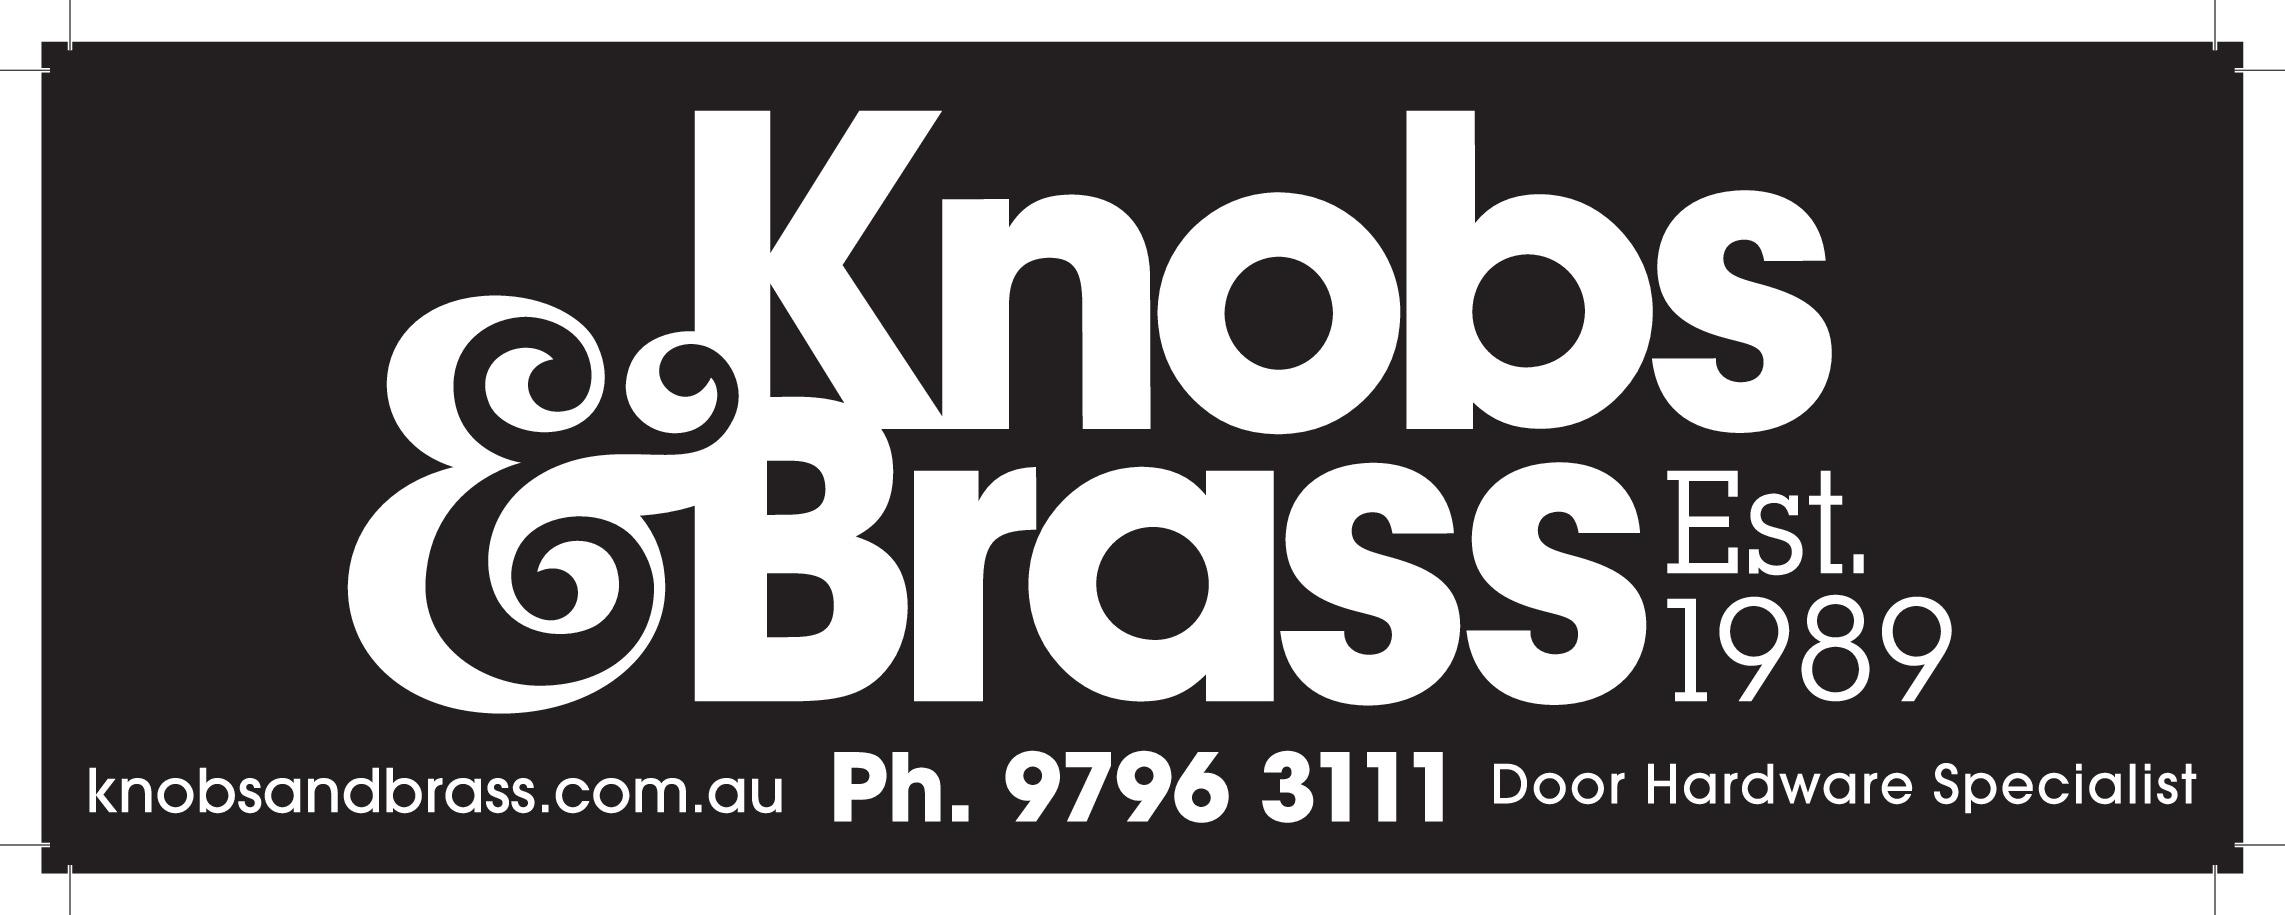 Knobs & Brass